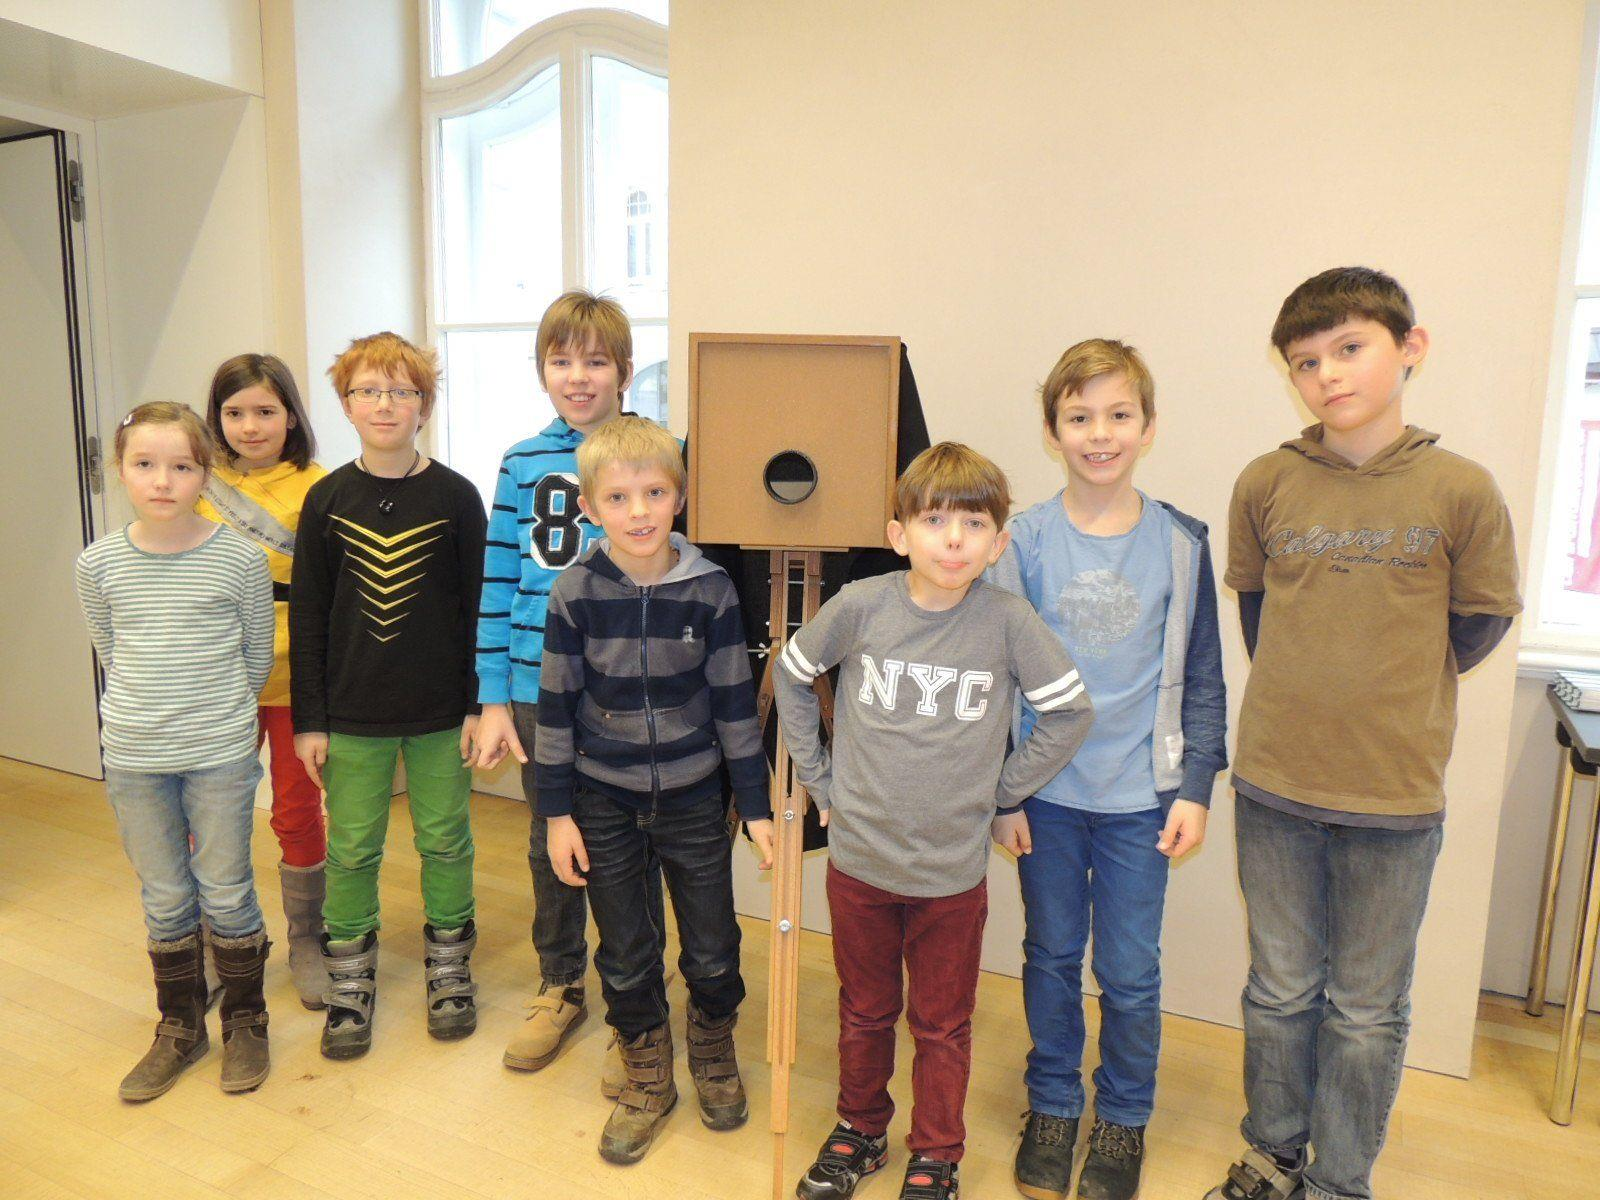 Der Bau einer eigenen Camera Obscura bereitete den jungen Teilnehmern viel Spaß